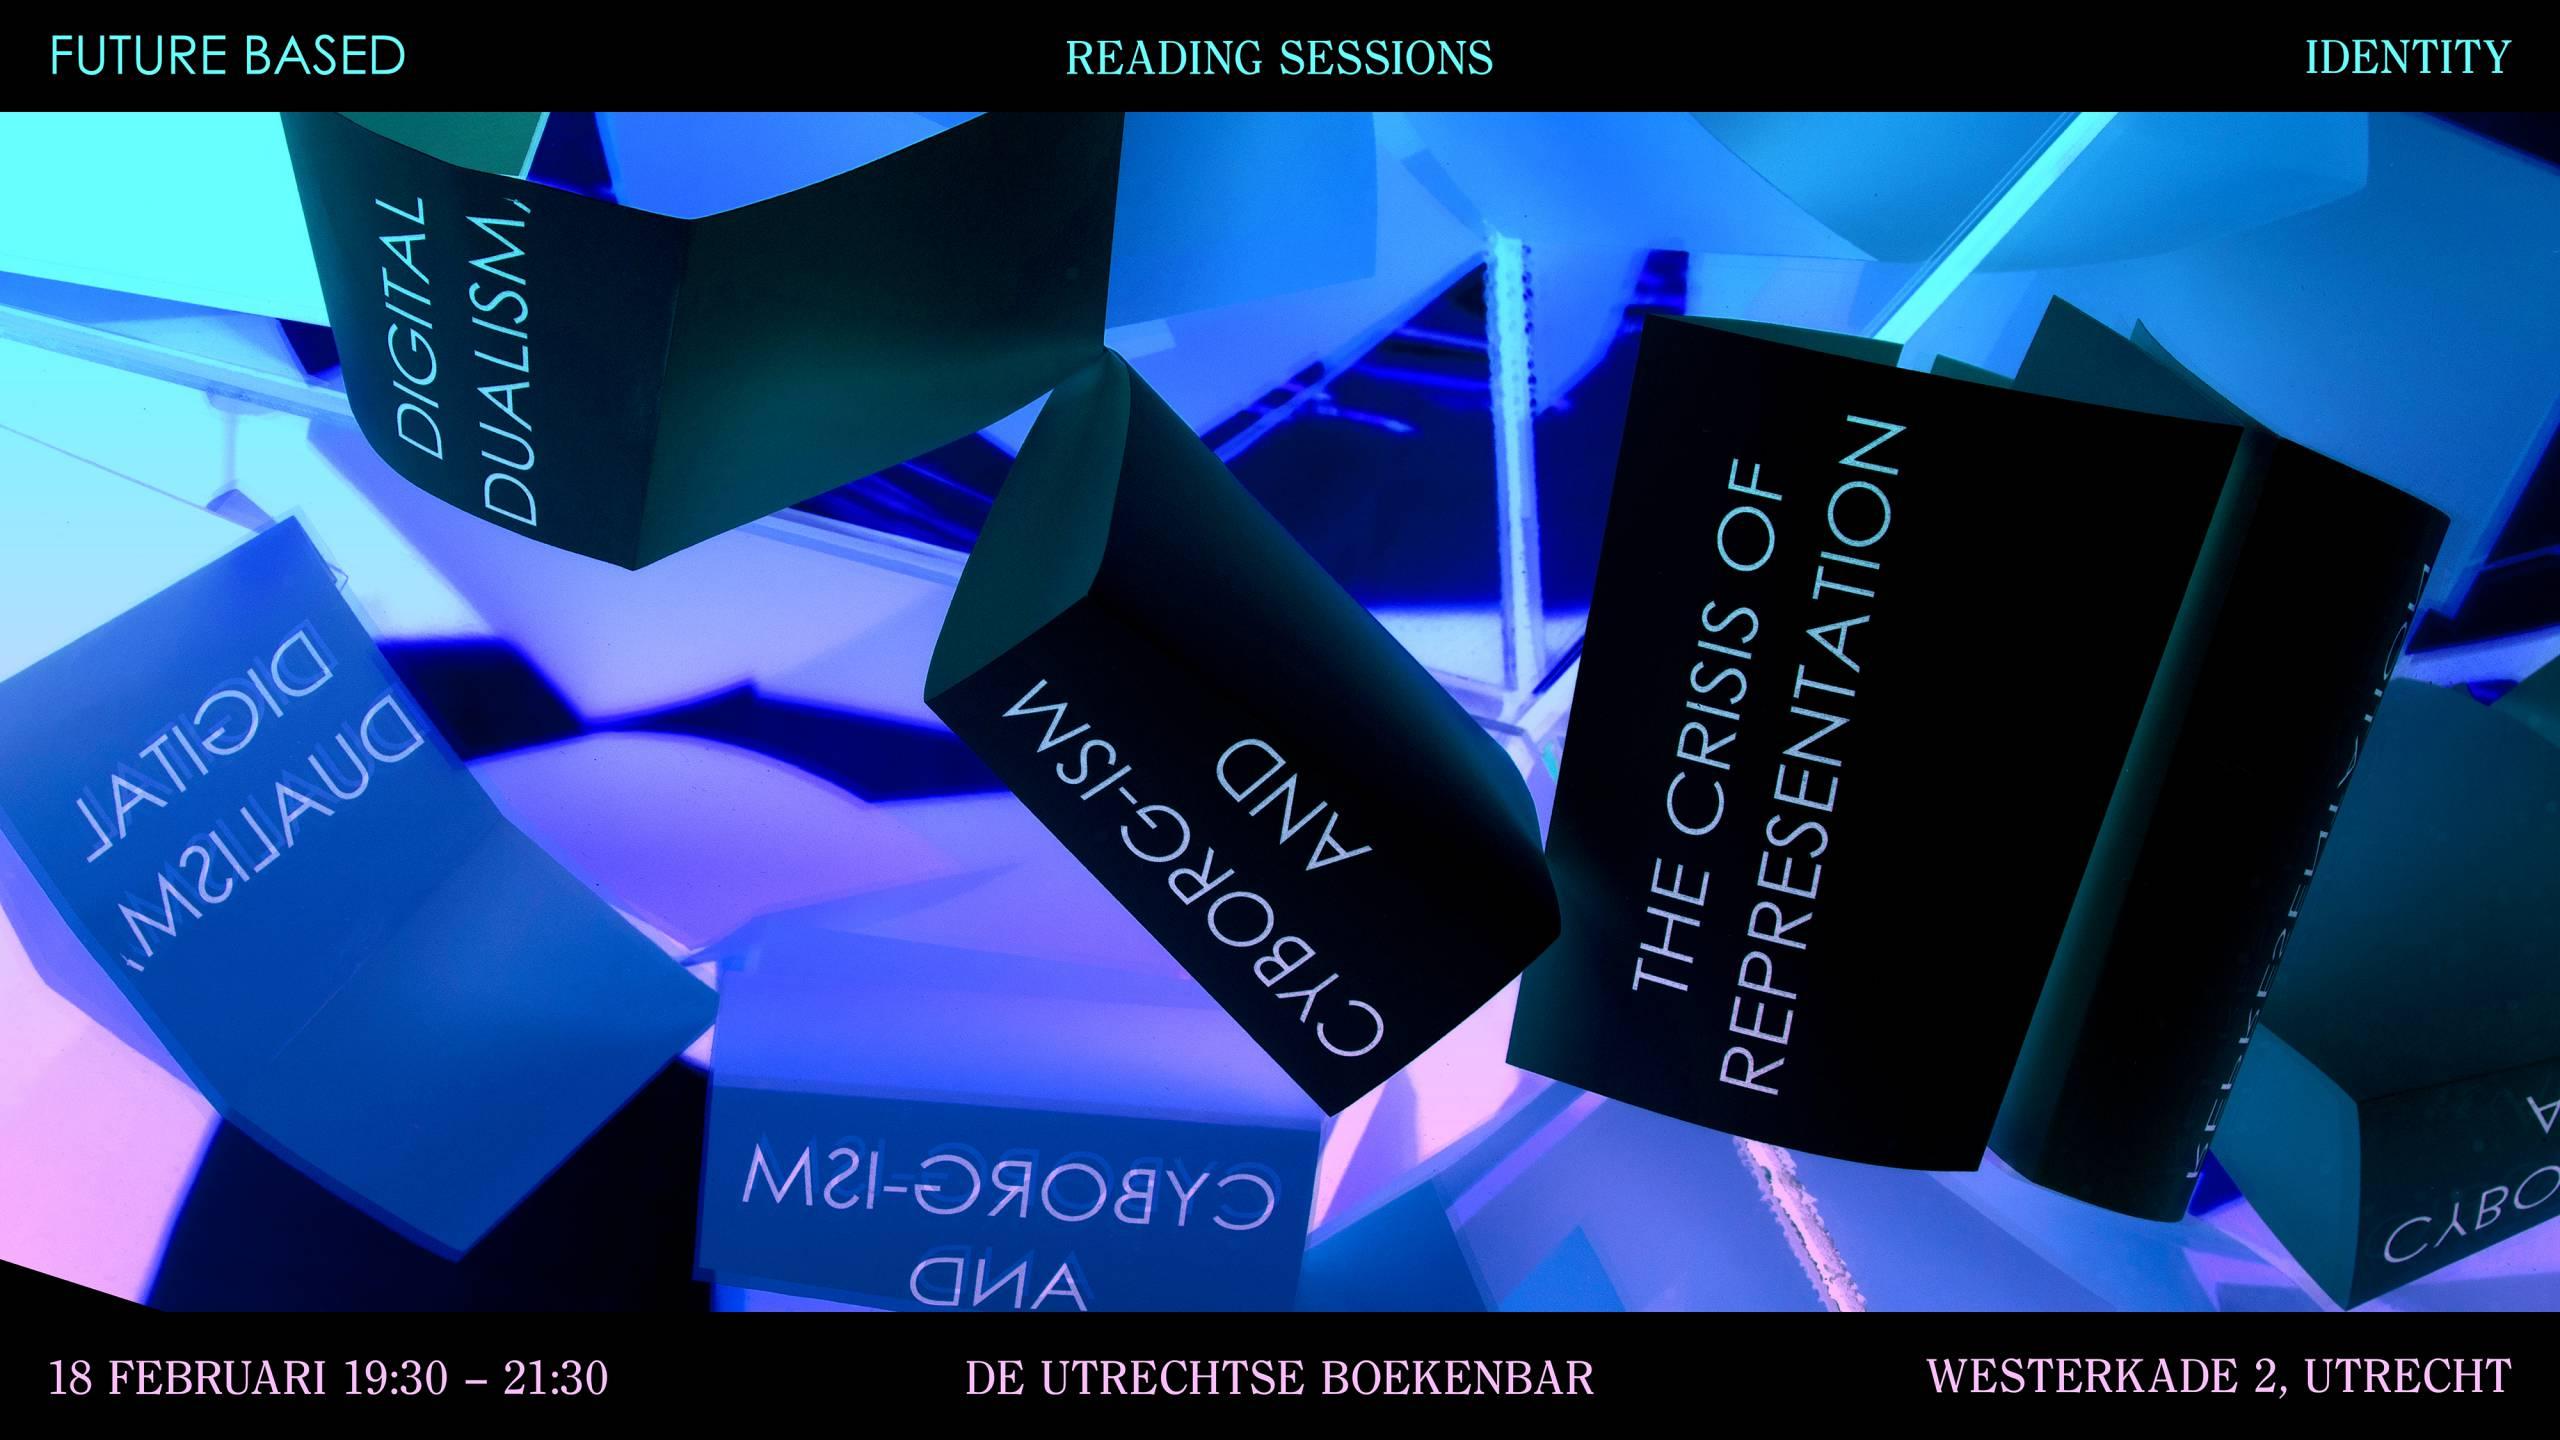 Readin Session on Cyborgism. Banner by Dana Dijkgraaf